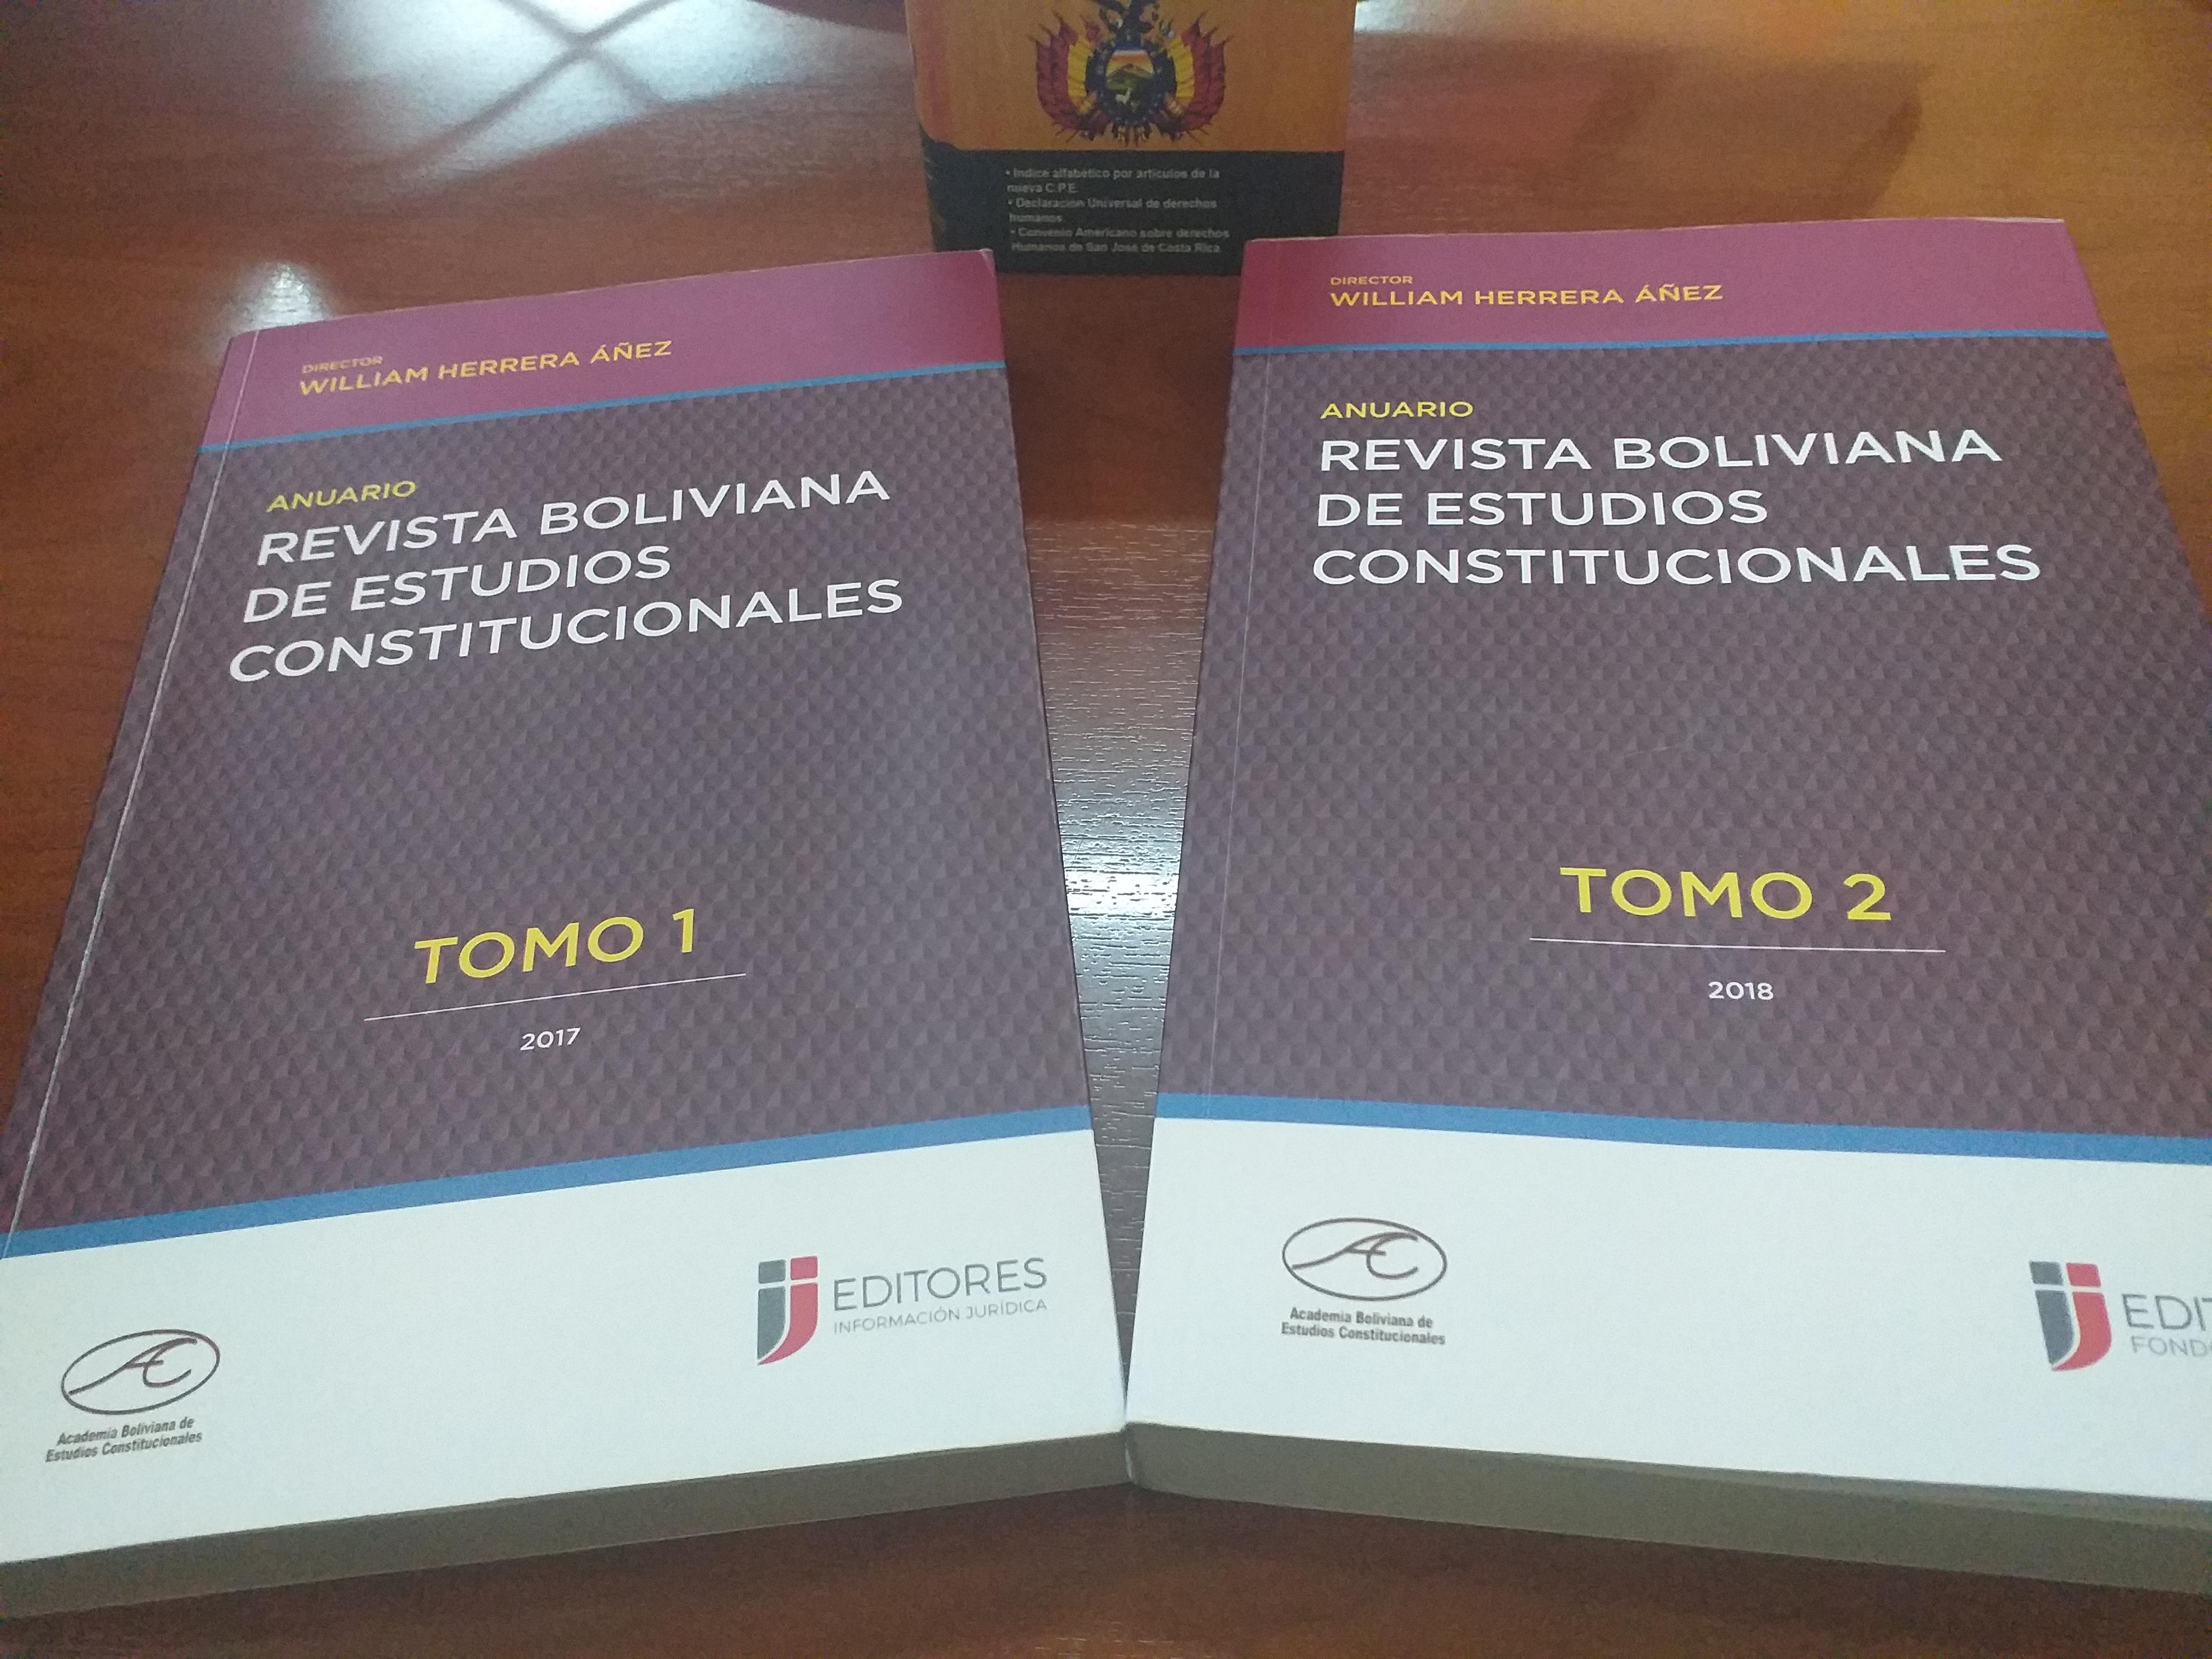 EL ANUARIO DE LA REVISTA BOLIVIANA DE ESTUDIOS CONSTITUCIONALES